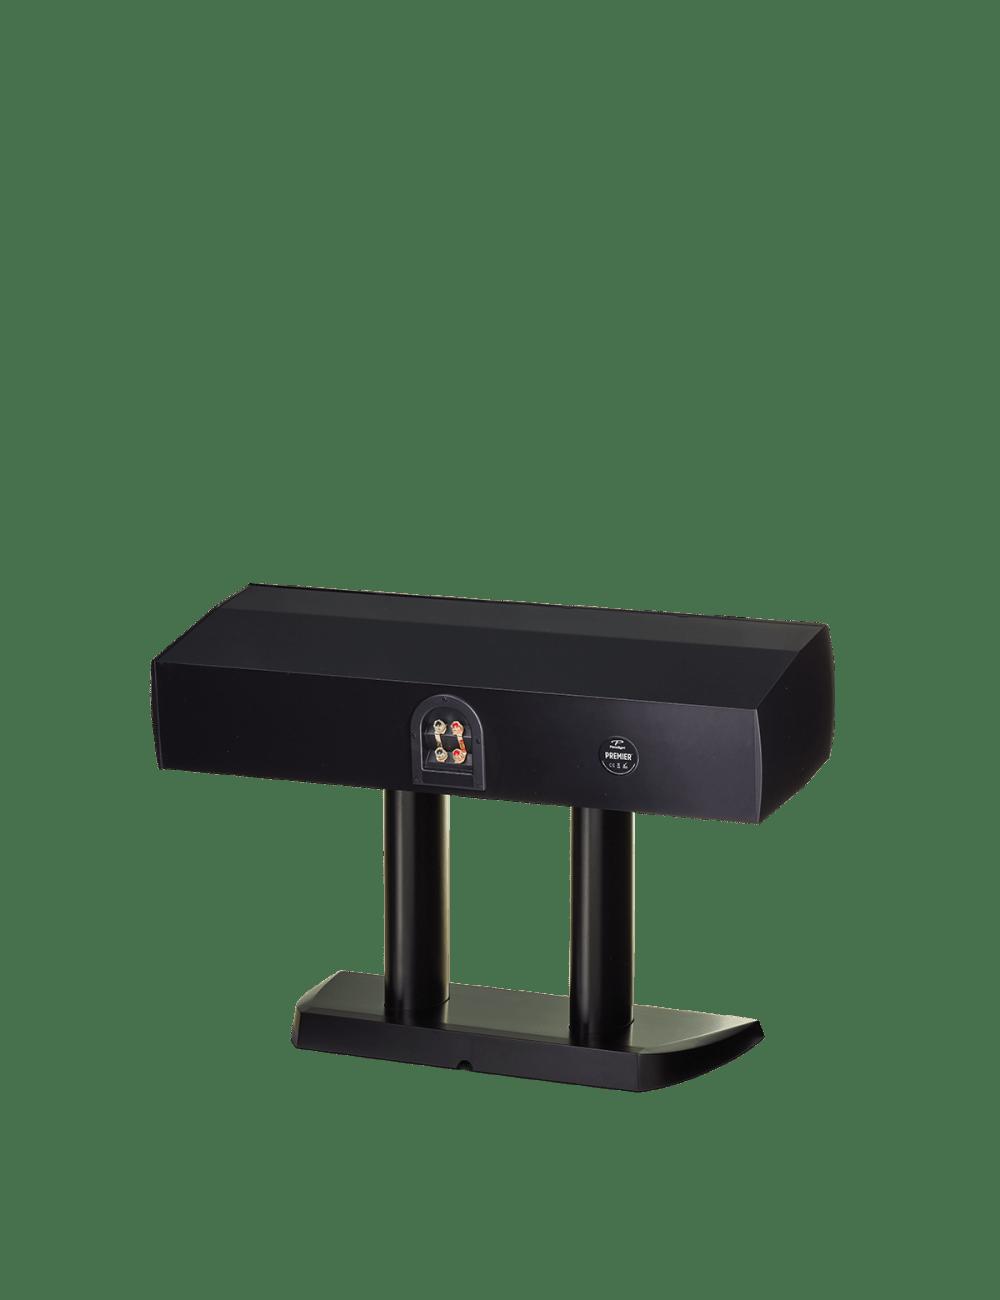 diffusore acustico per canale centrale da stand per hifi e home theater, Paradigm Premier 500C black gloss, retro